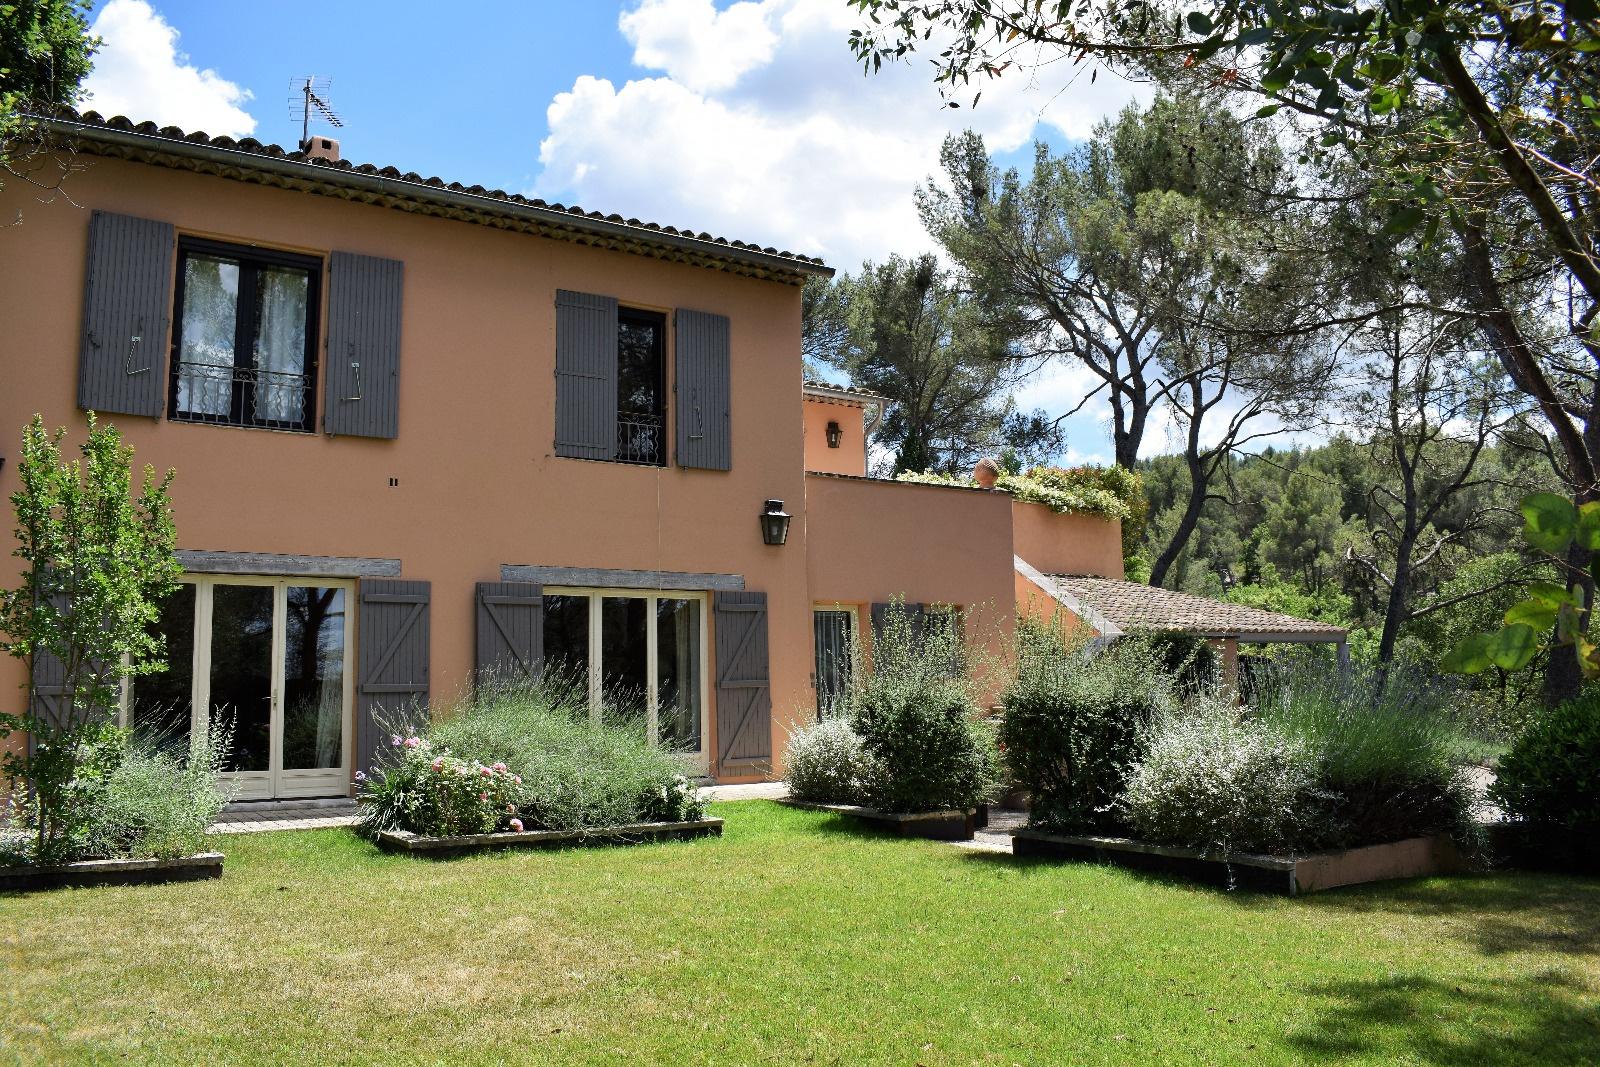 vente maison 224 aix en provence 13100 avec l agence cg immobilier